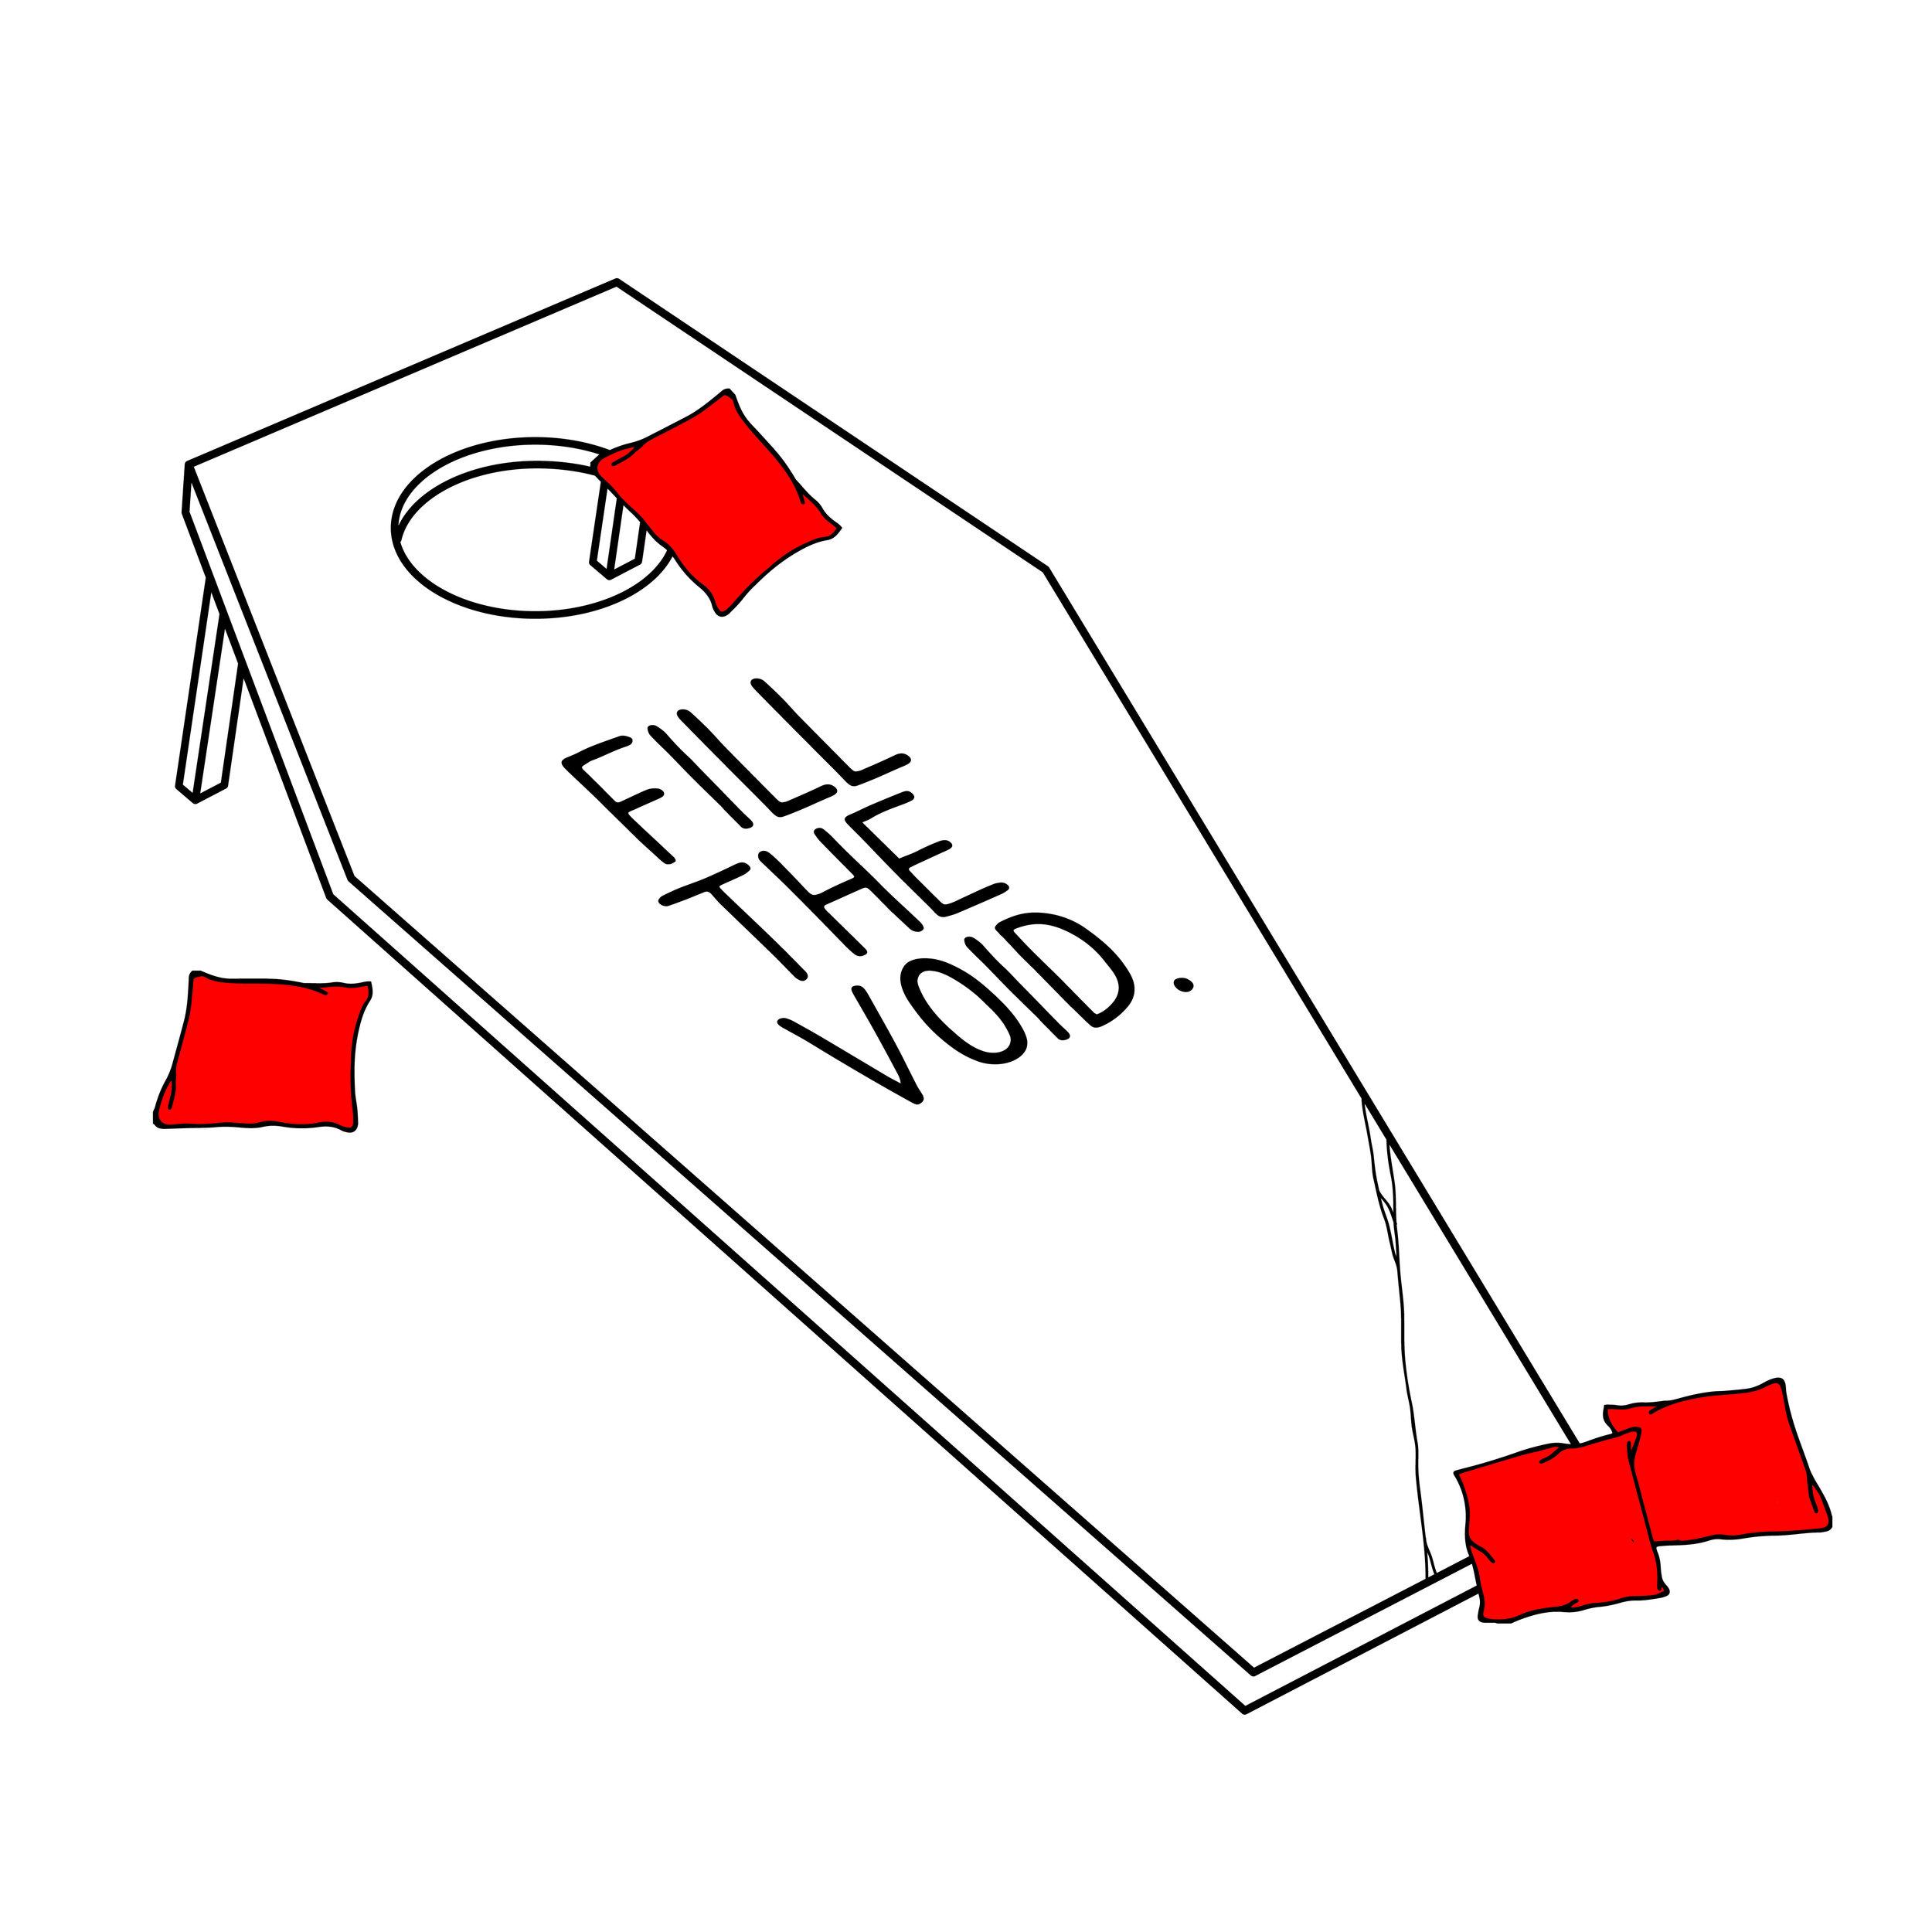 fillthevoid-01.jpg